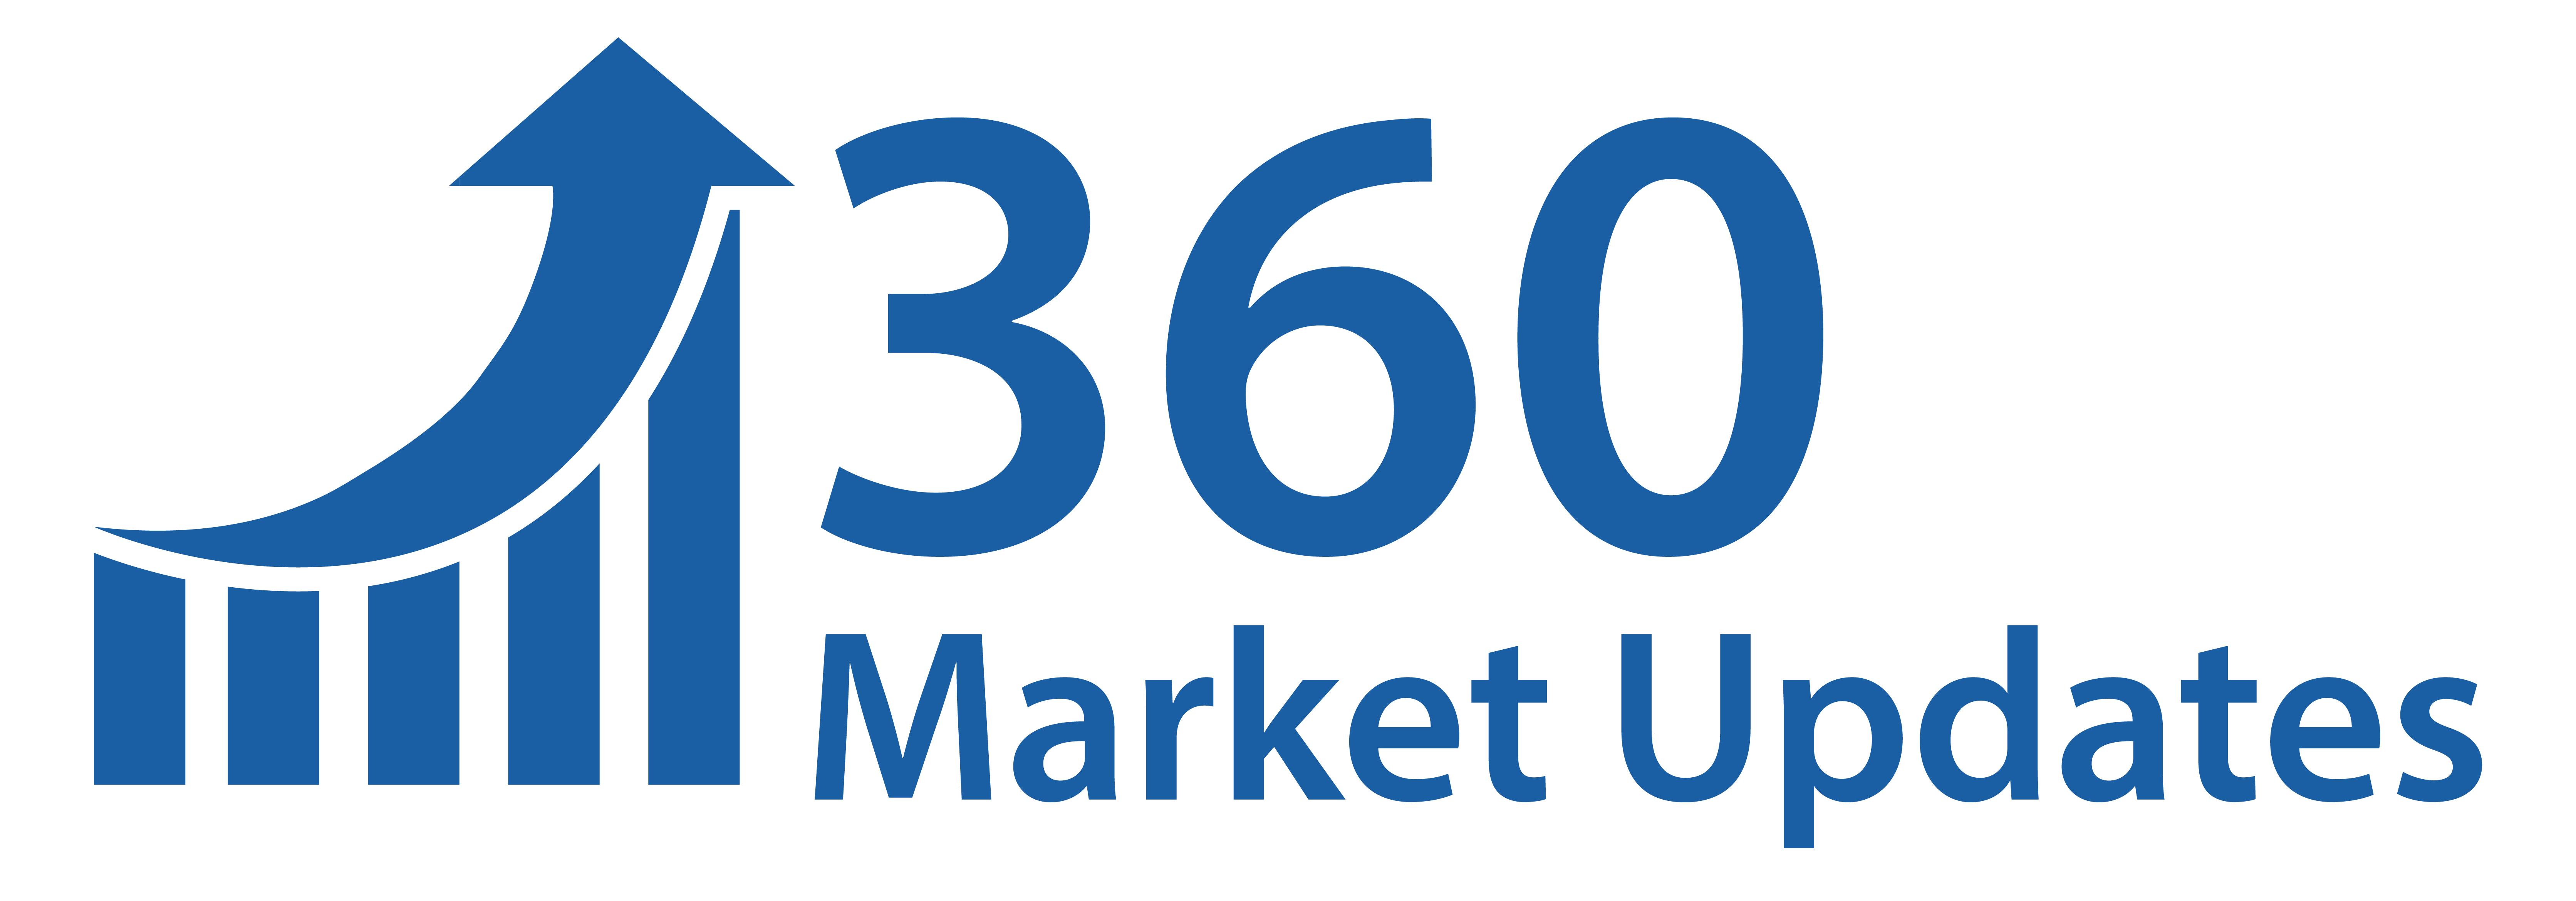 Global Gallium Nitride (GaN) Semiconductor Devices (Discrete & IC) and Substrate Wafer Market 2020 | Markt nach ProdukttypSegmentierung, Branchensegmentierung, Produkttyp Detail, Downstream Consumer